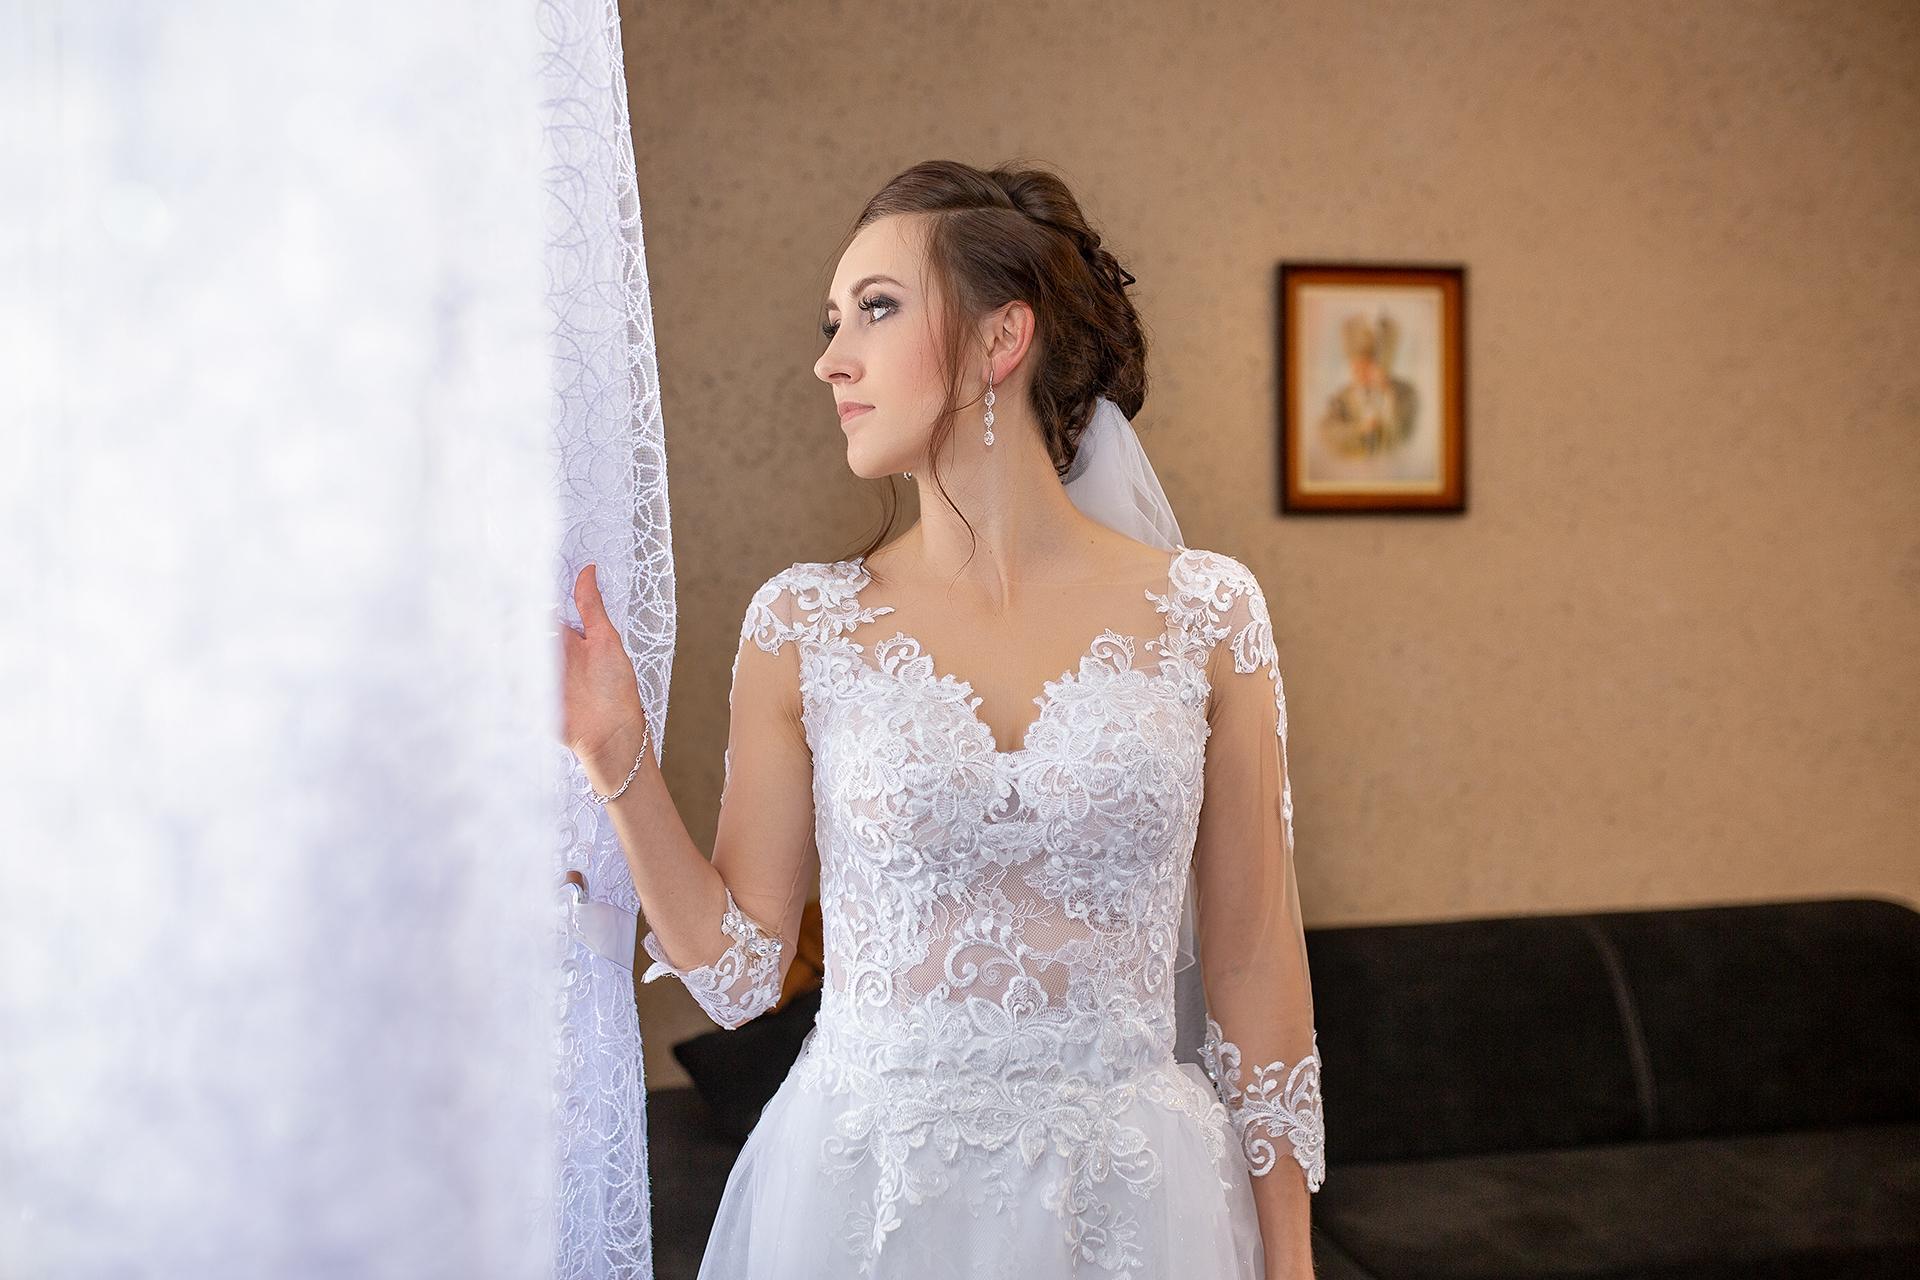 Reportaż ślubny - pani młoda